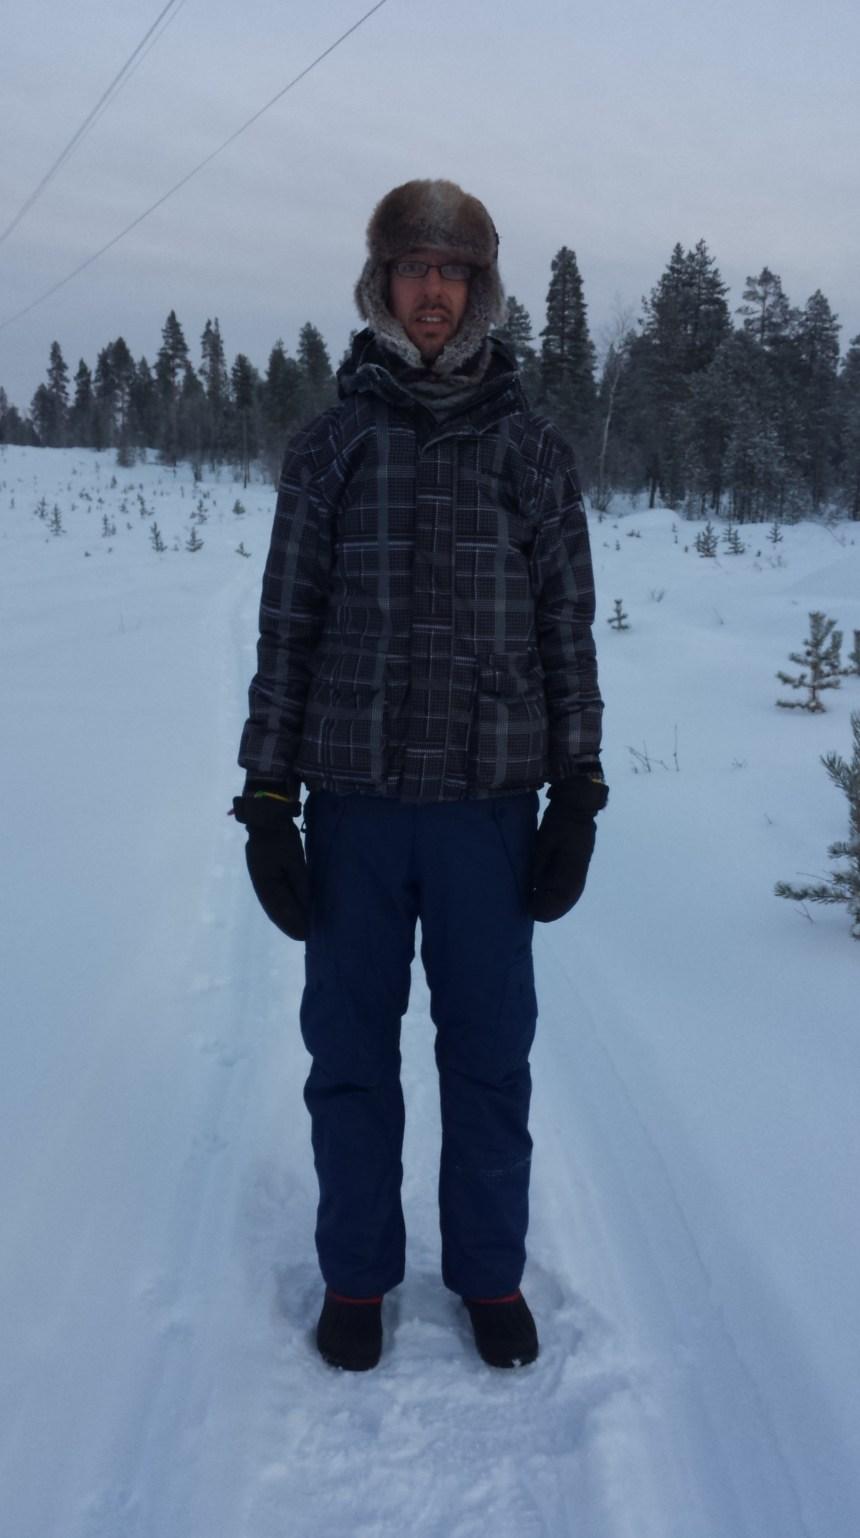 Maarten in Lapland Finland